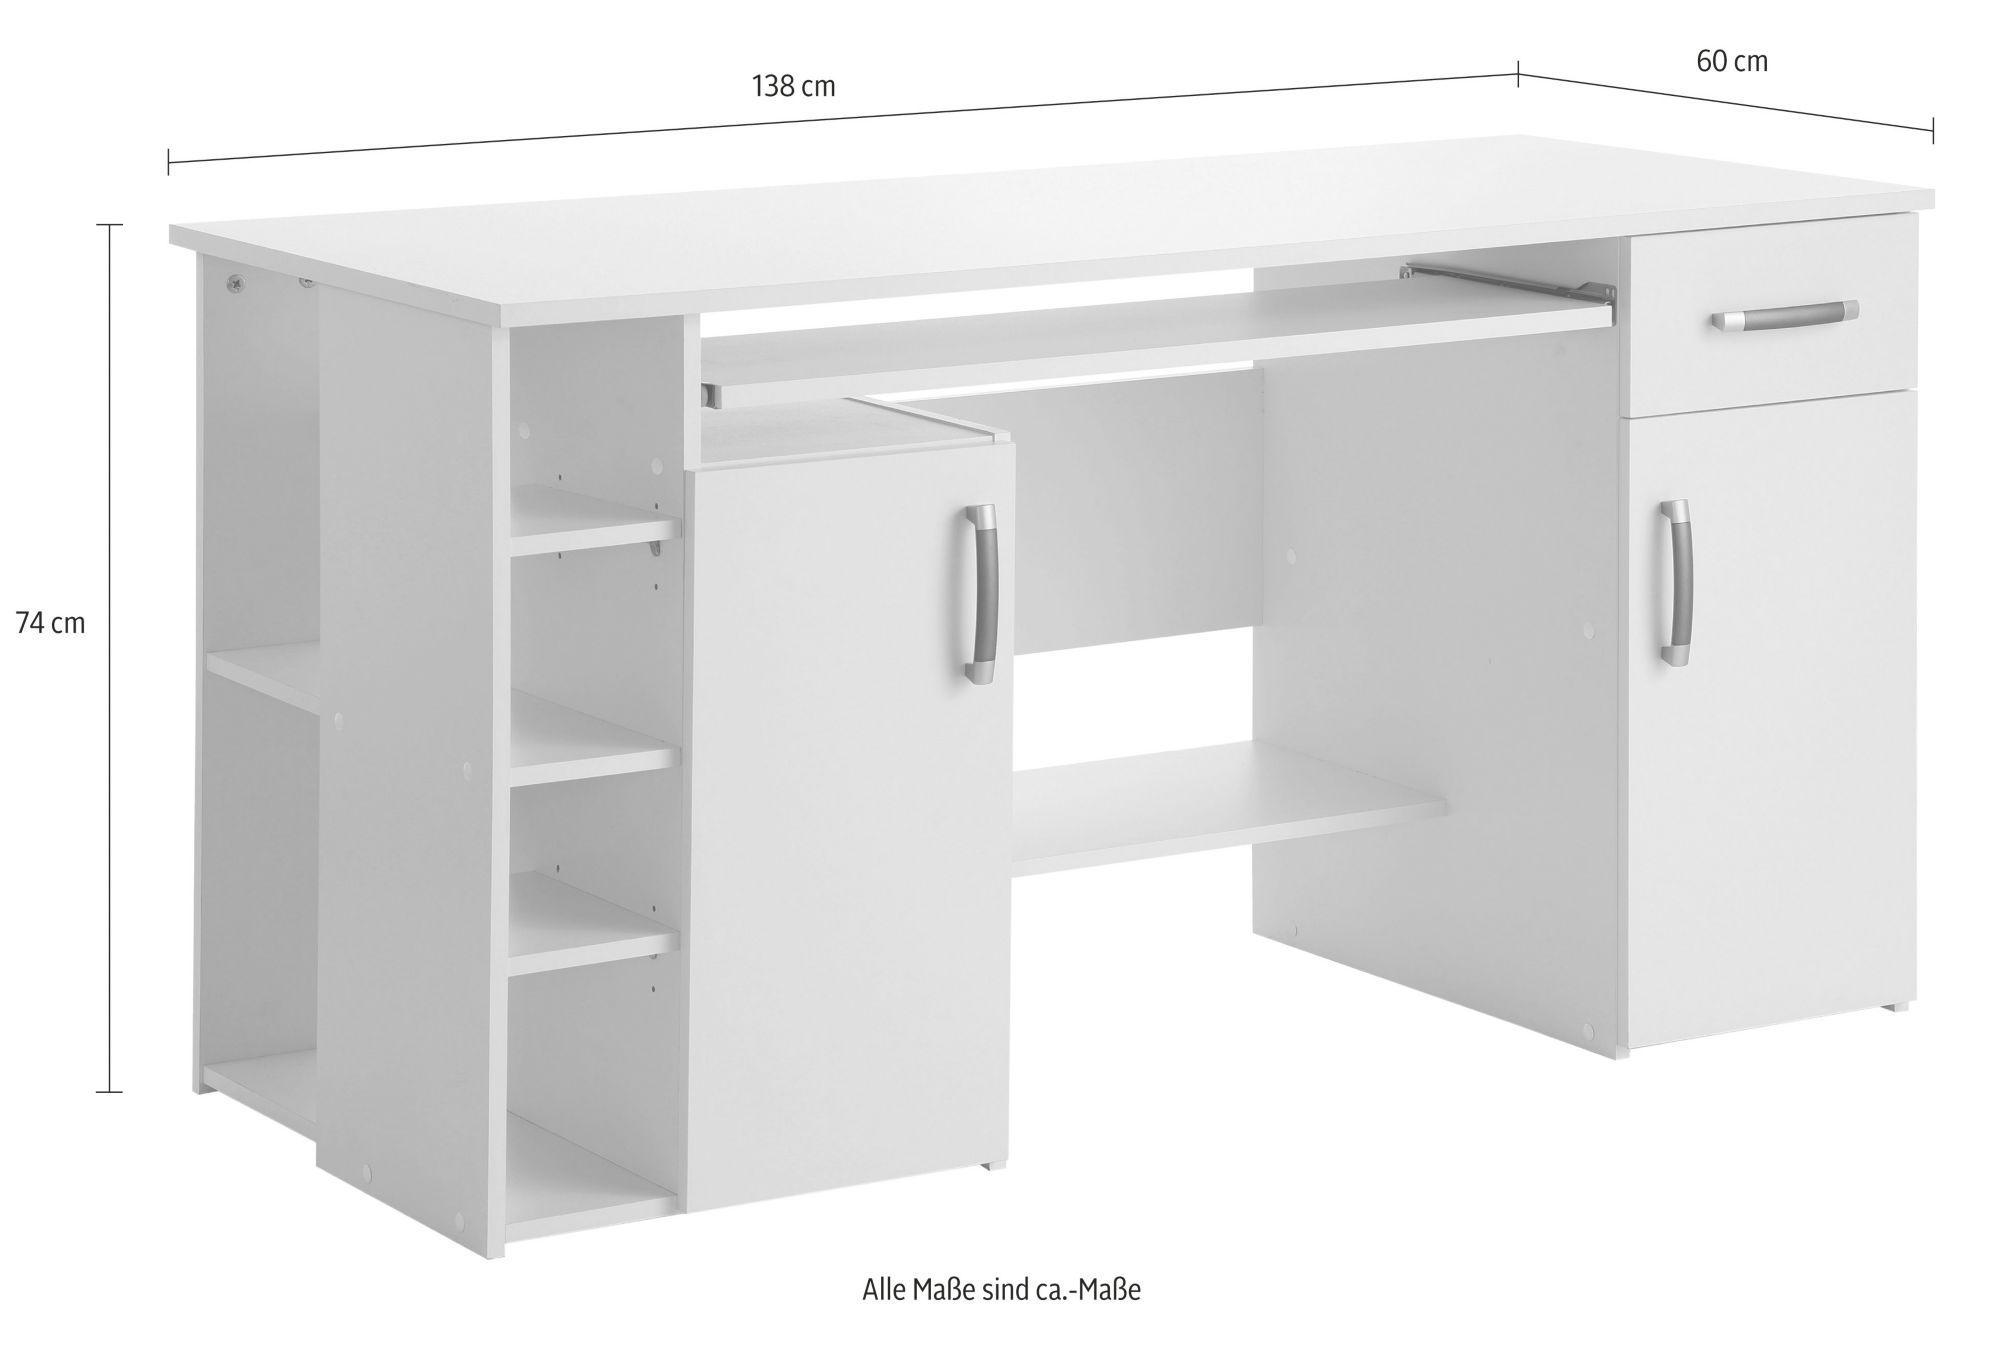 schreibtisch tim schwab versand esszimmer. Black Bedroom Furniture Sets. Home Design Ideas